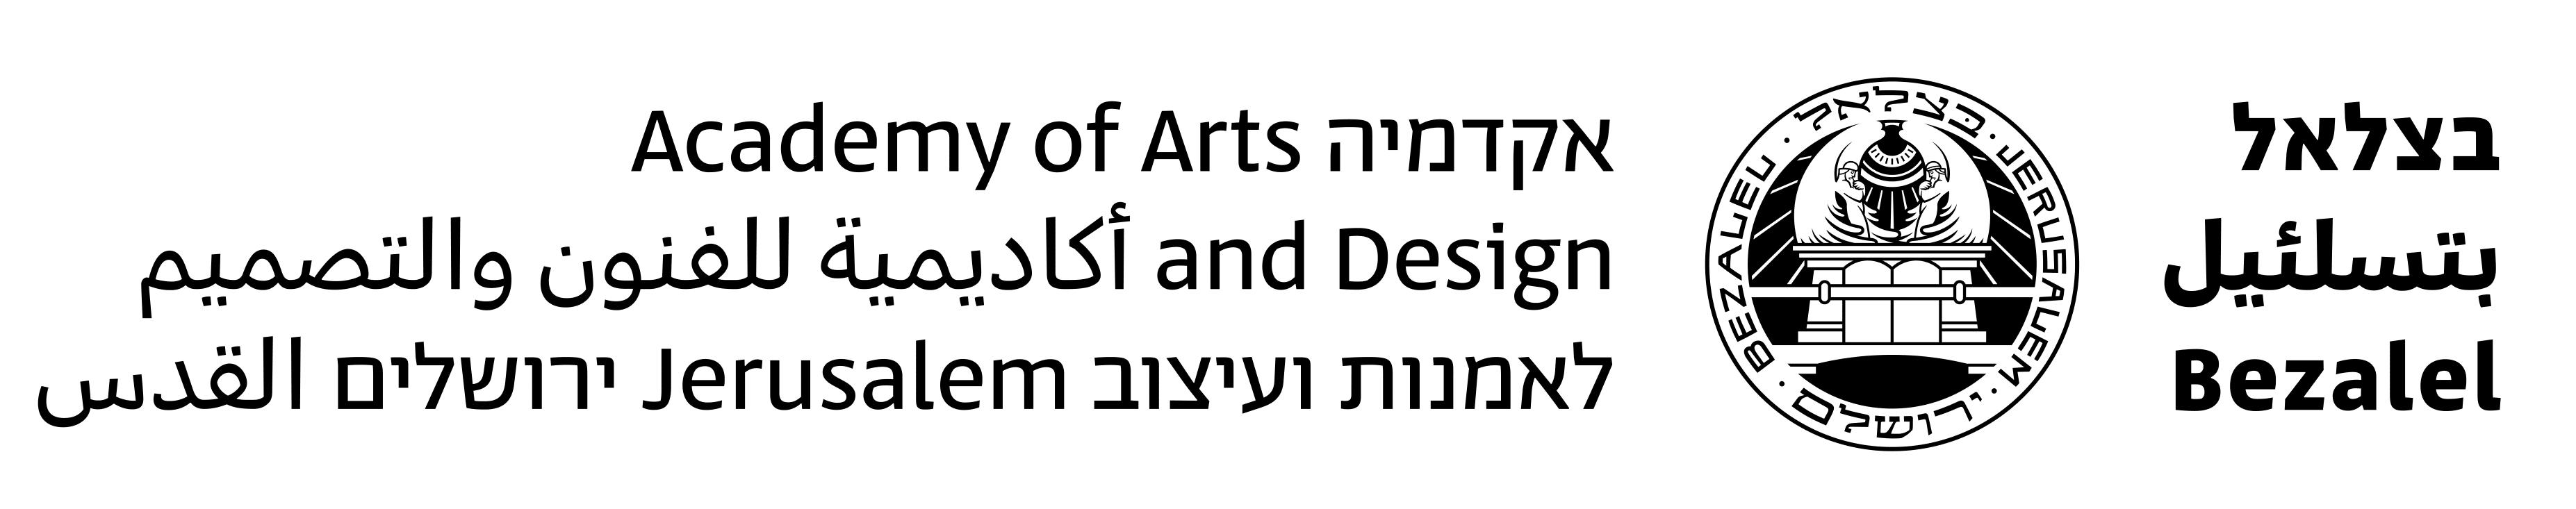 Bezalel Academy of Arts and Design, Jerusalem